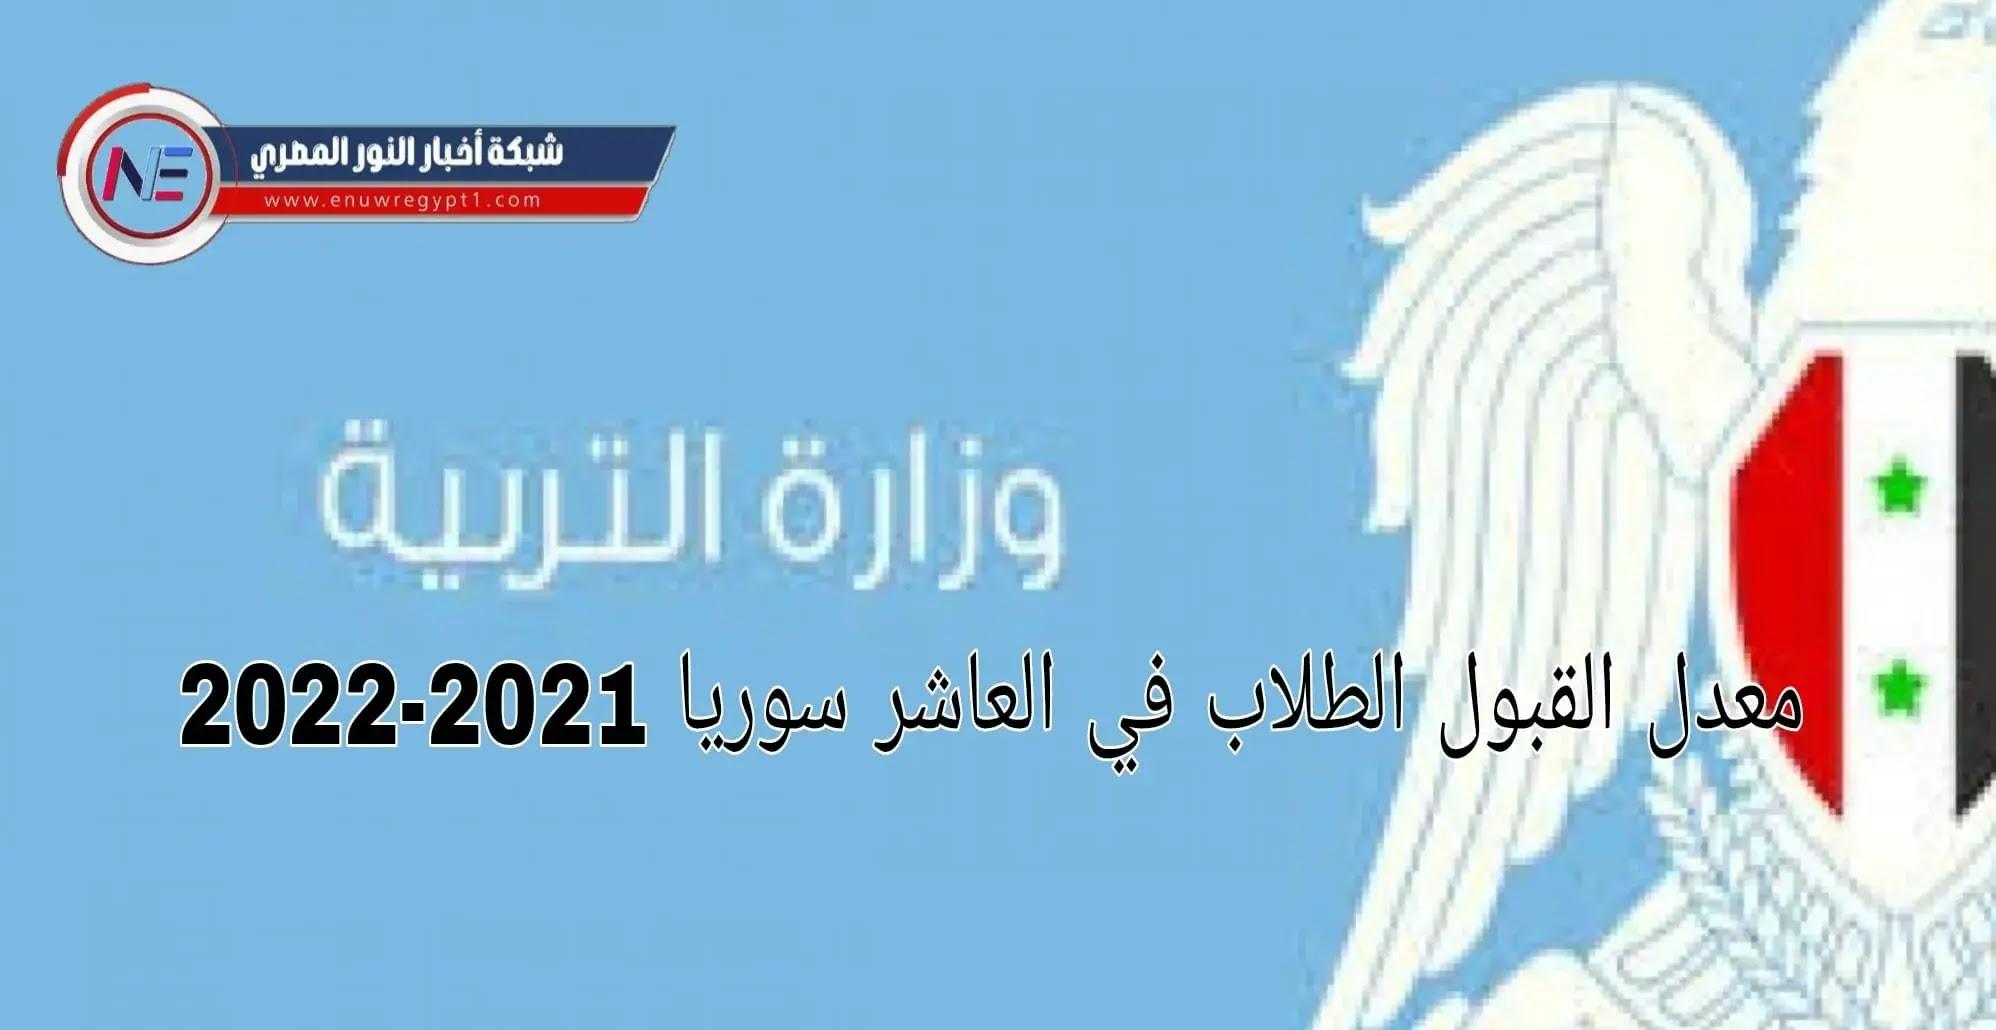 معدل القبول في الصف العاشر سوريا 2021-2022 العام و المهني   الحد الادني للقبول في العاشر عبر وزارة التربية السورية جميع المحافظات